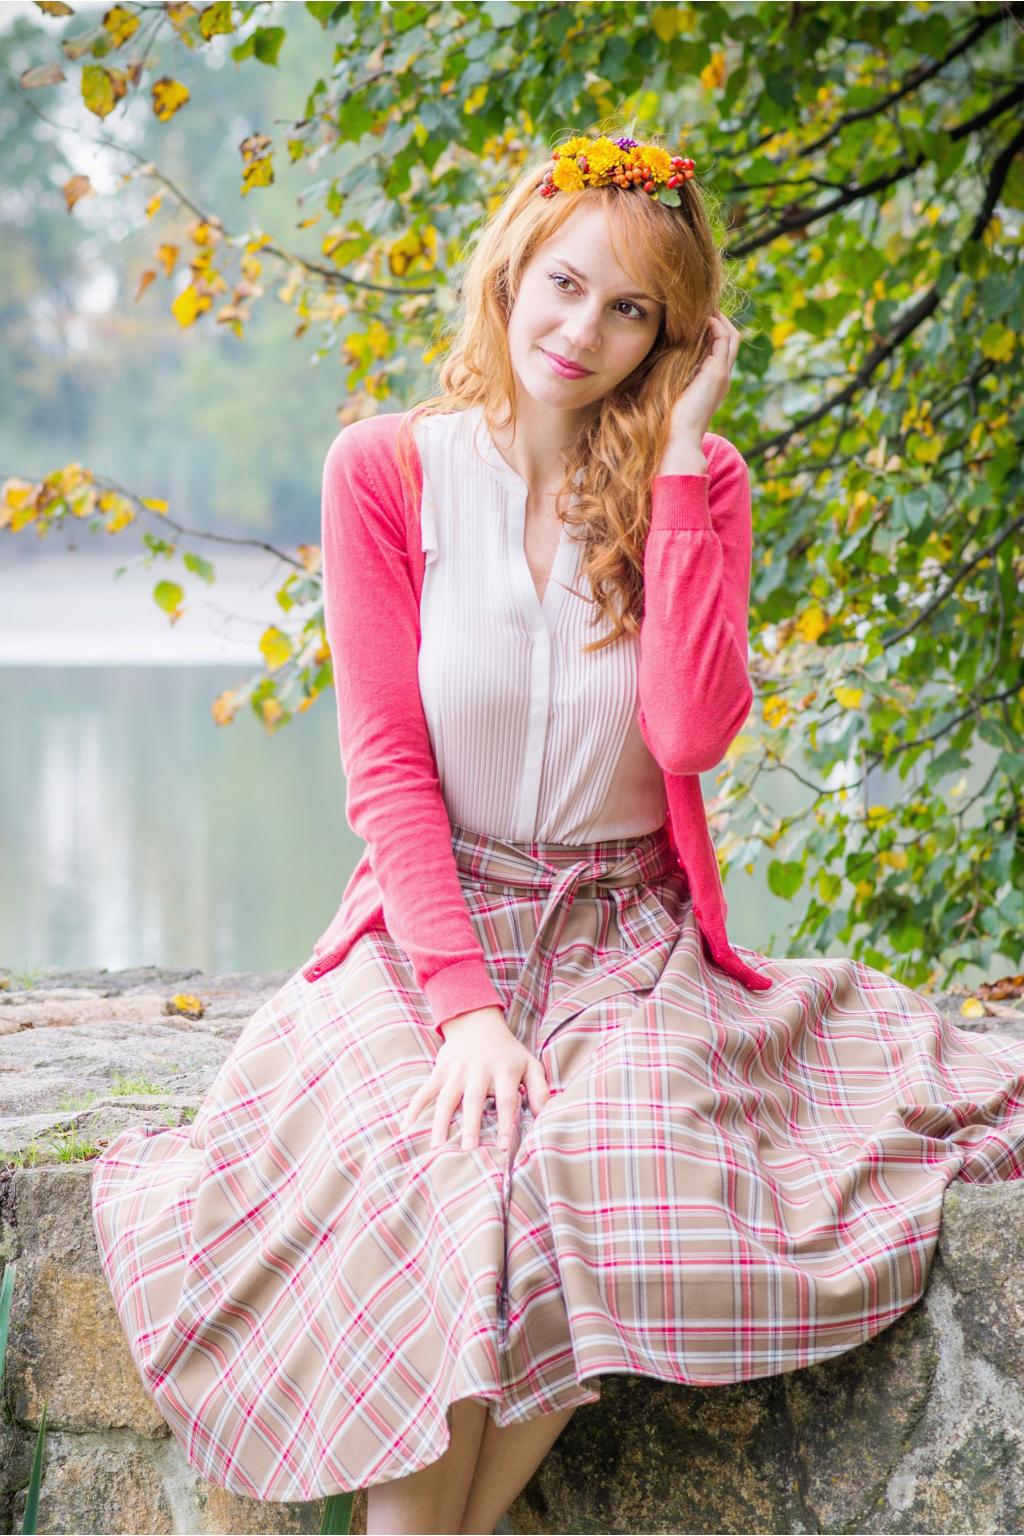 34452f3f1241 Kolová sukně skotská kostka hnědá - více barev - MiaBella